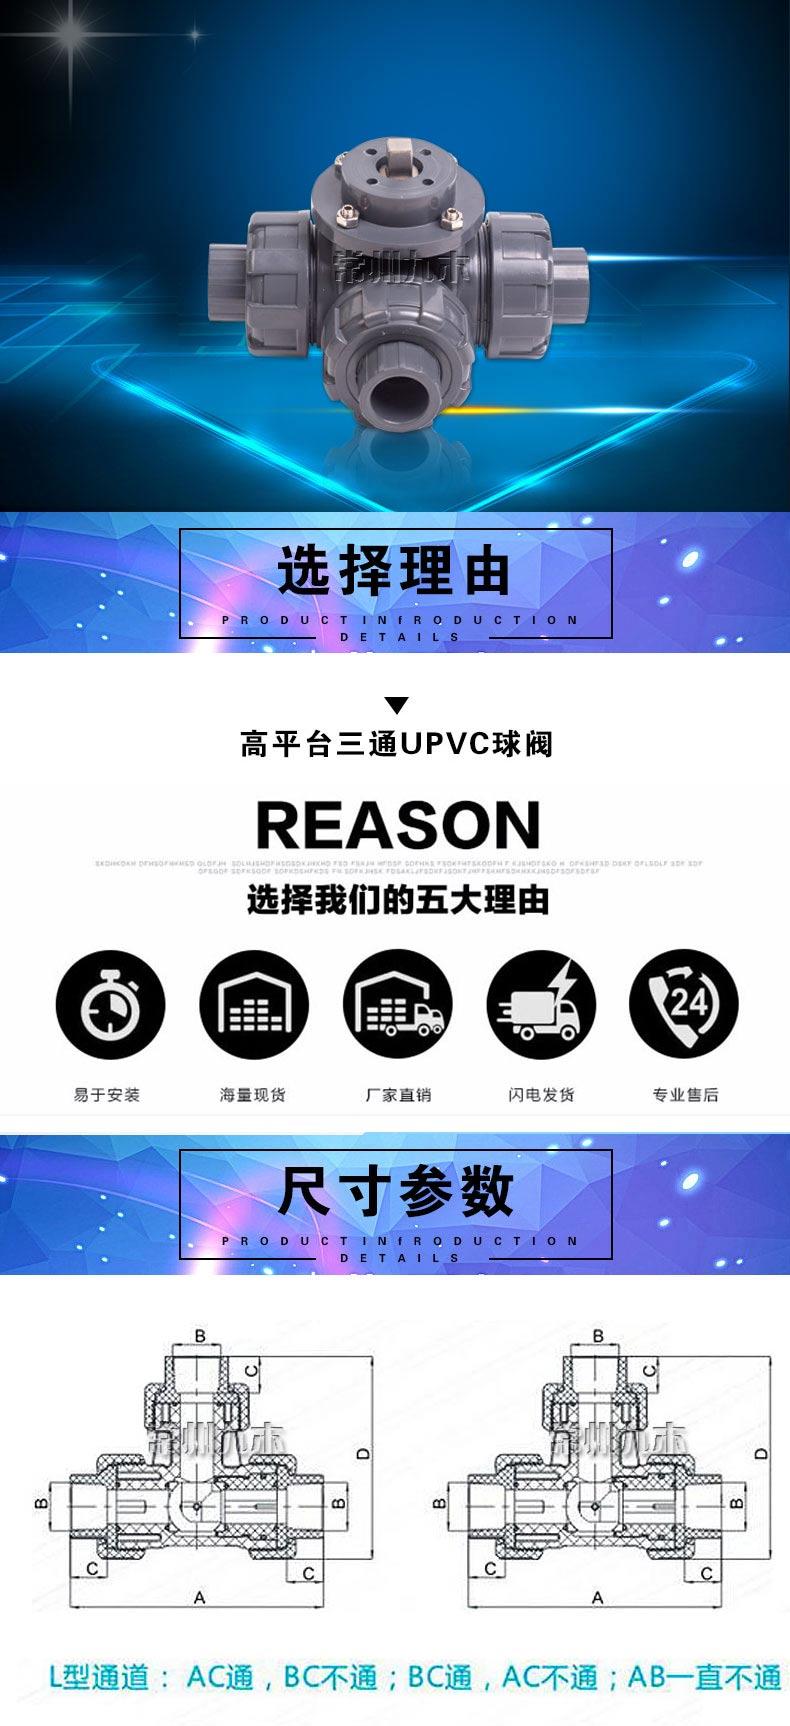 高平台三通UPVC球阀_02_01.jpg